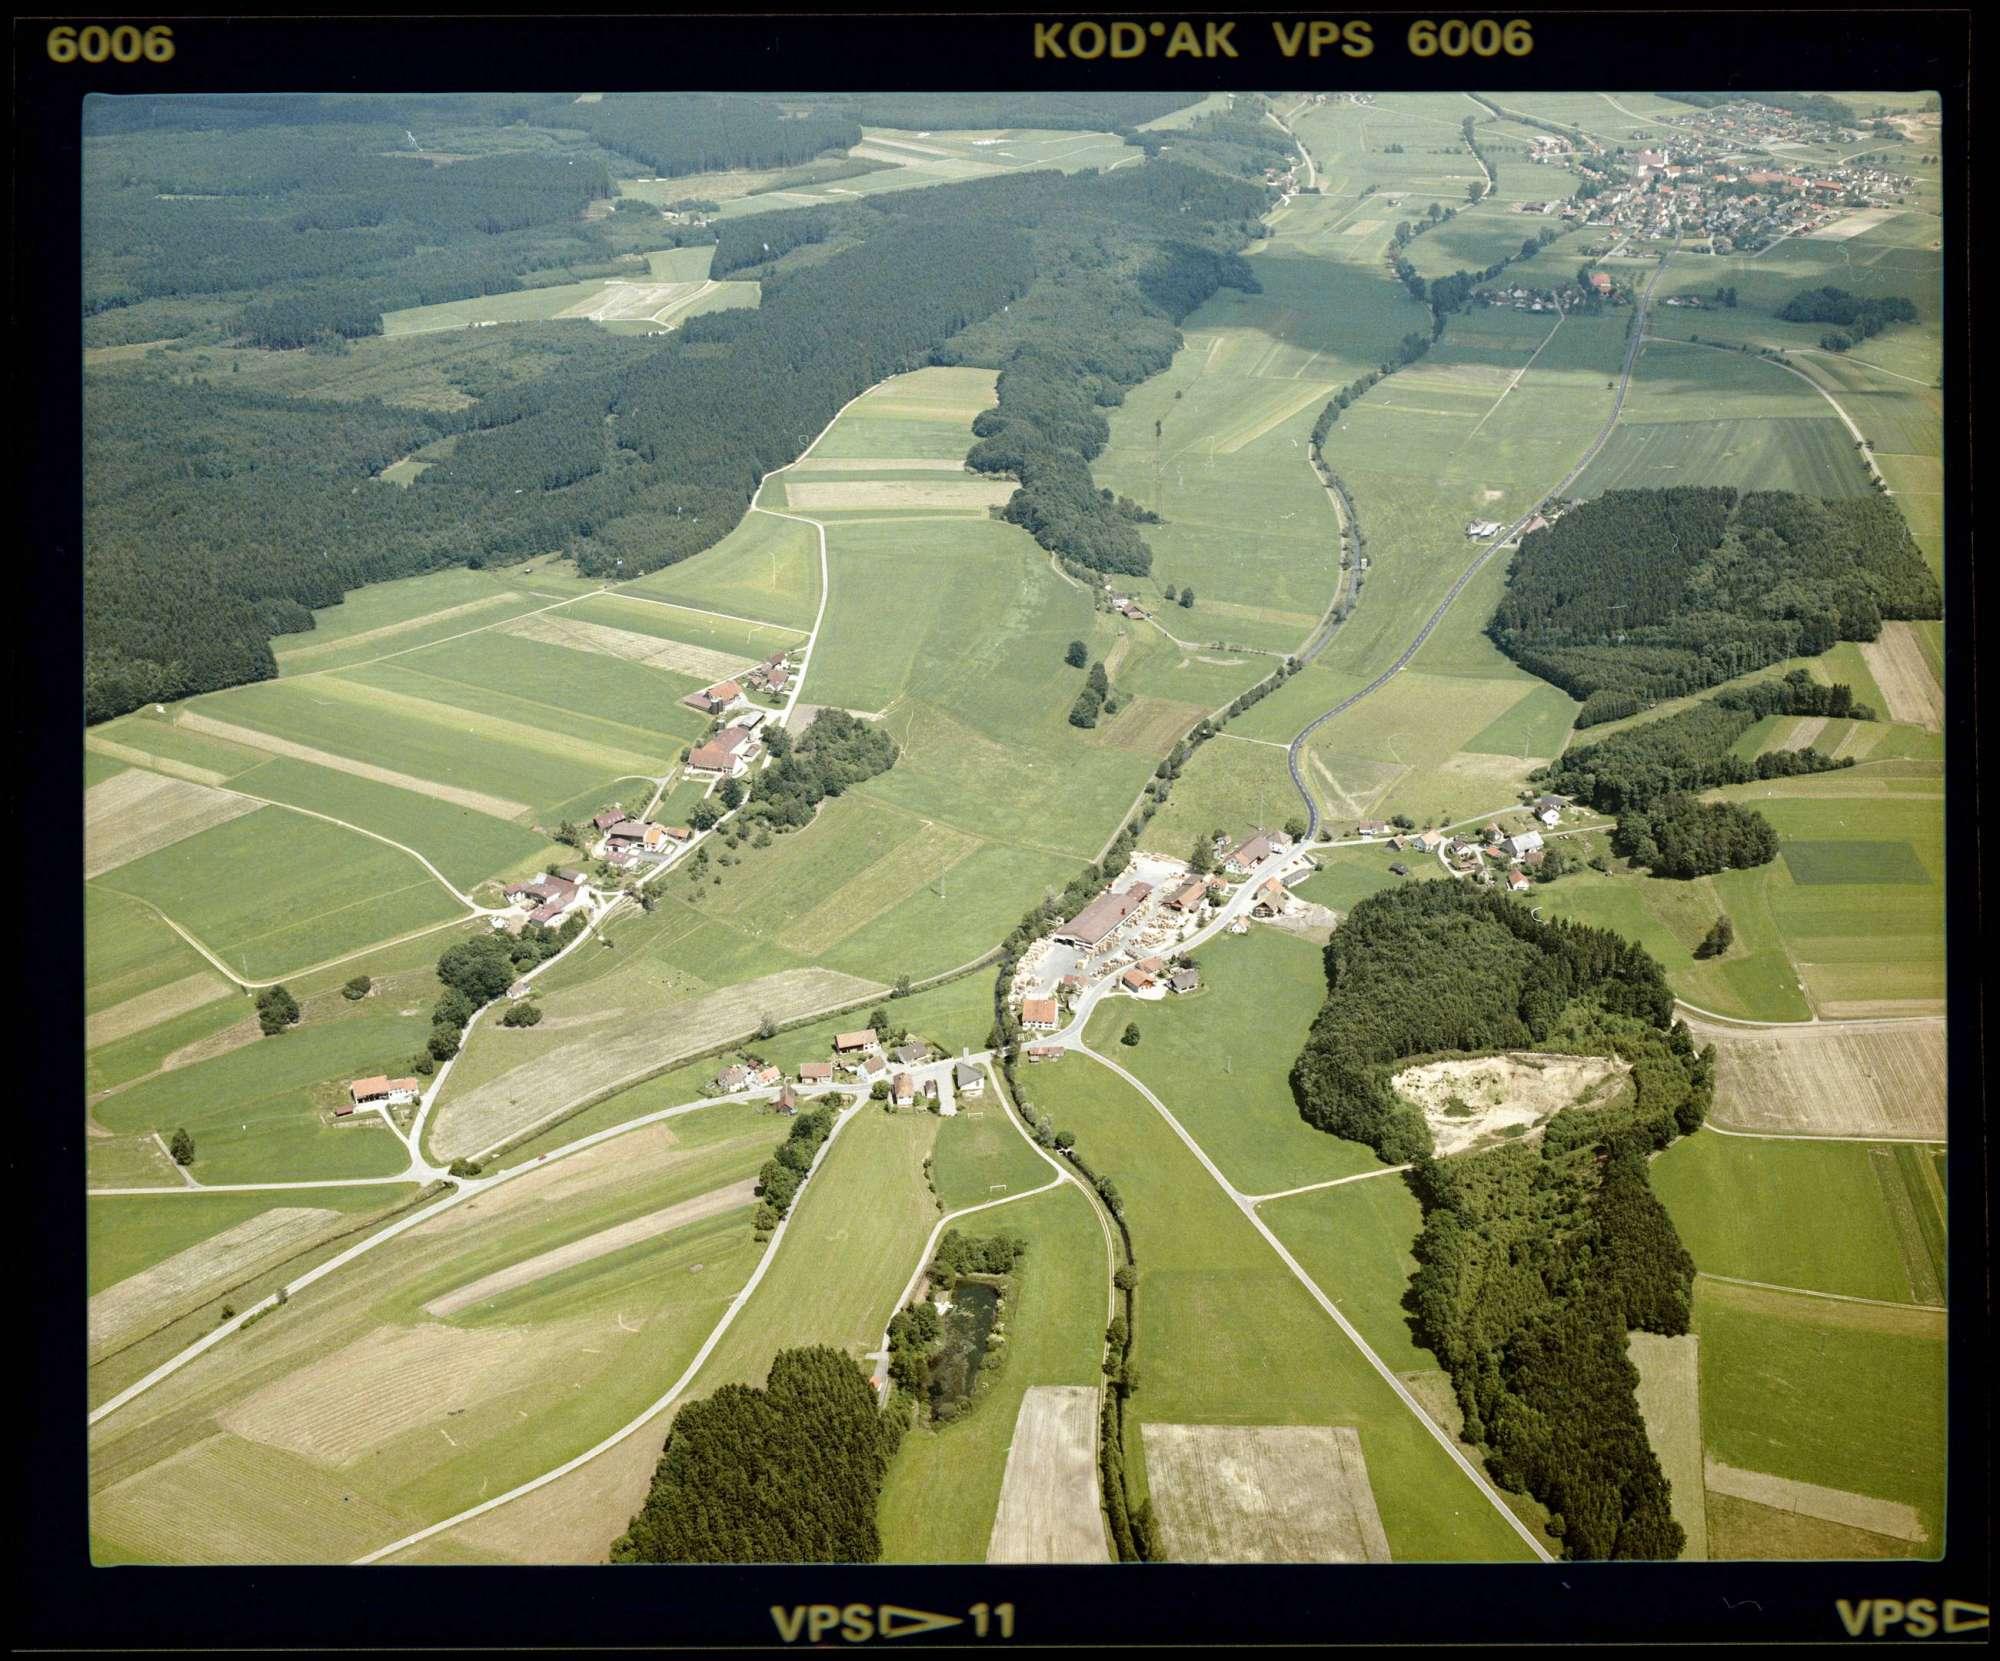 Spindelwag, Luftbild, Bild 1